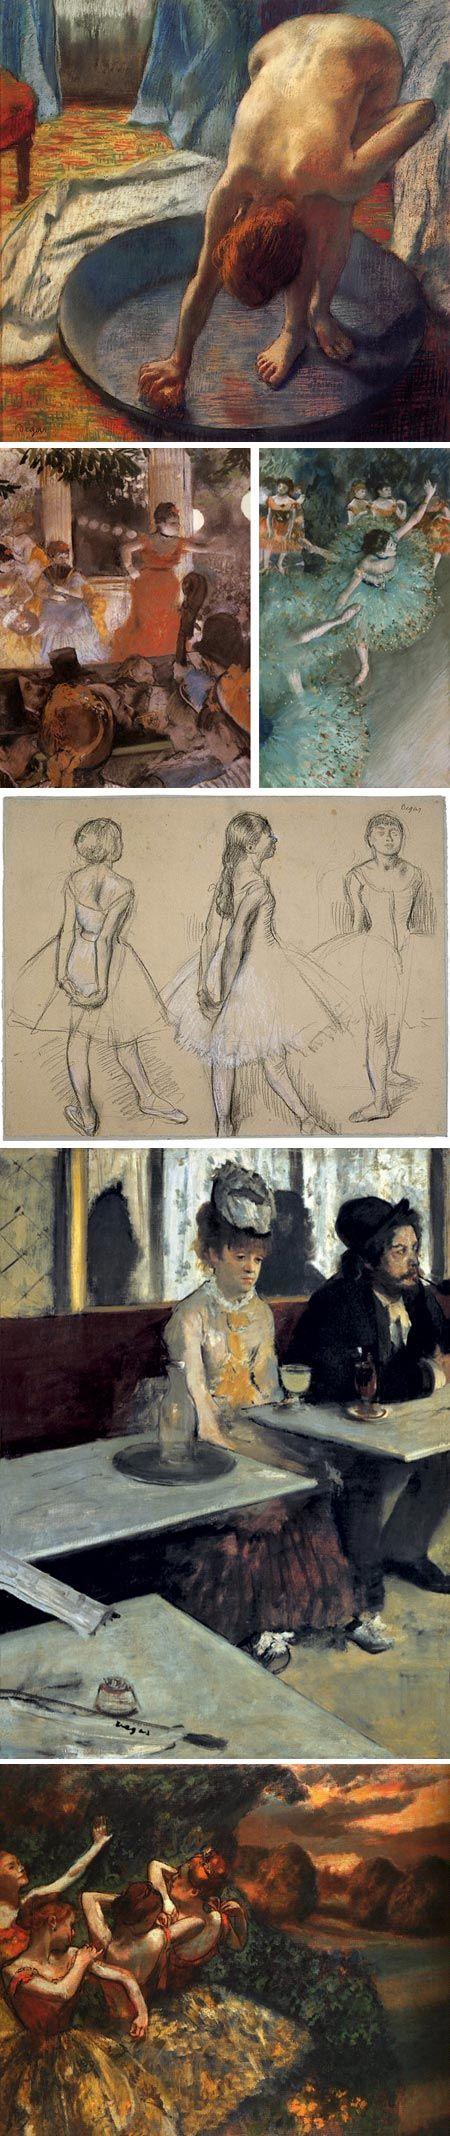 Edgar Degas...the master